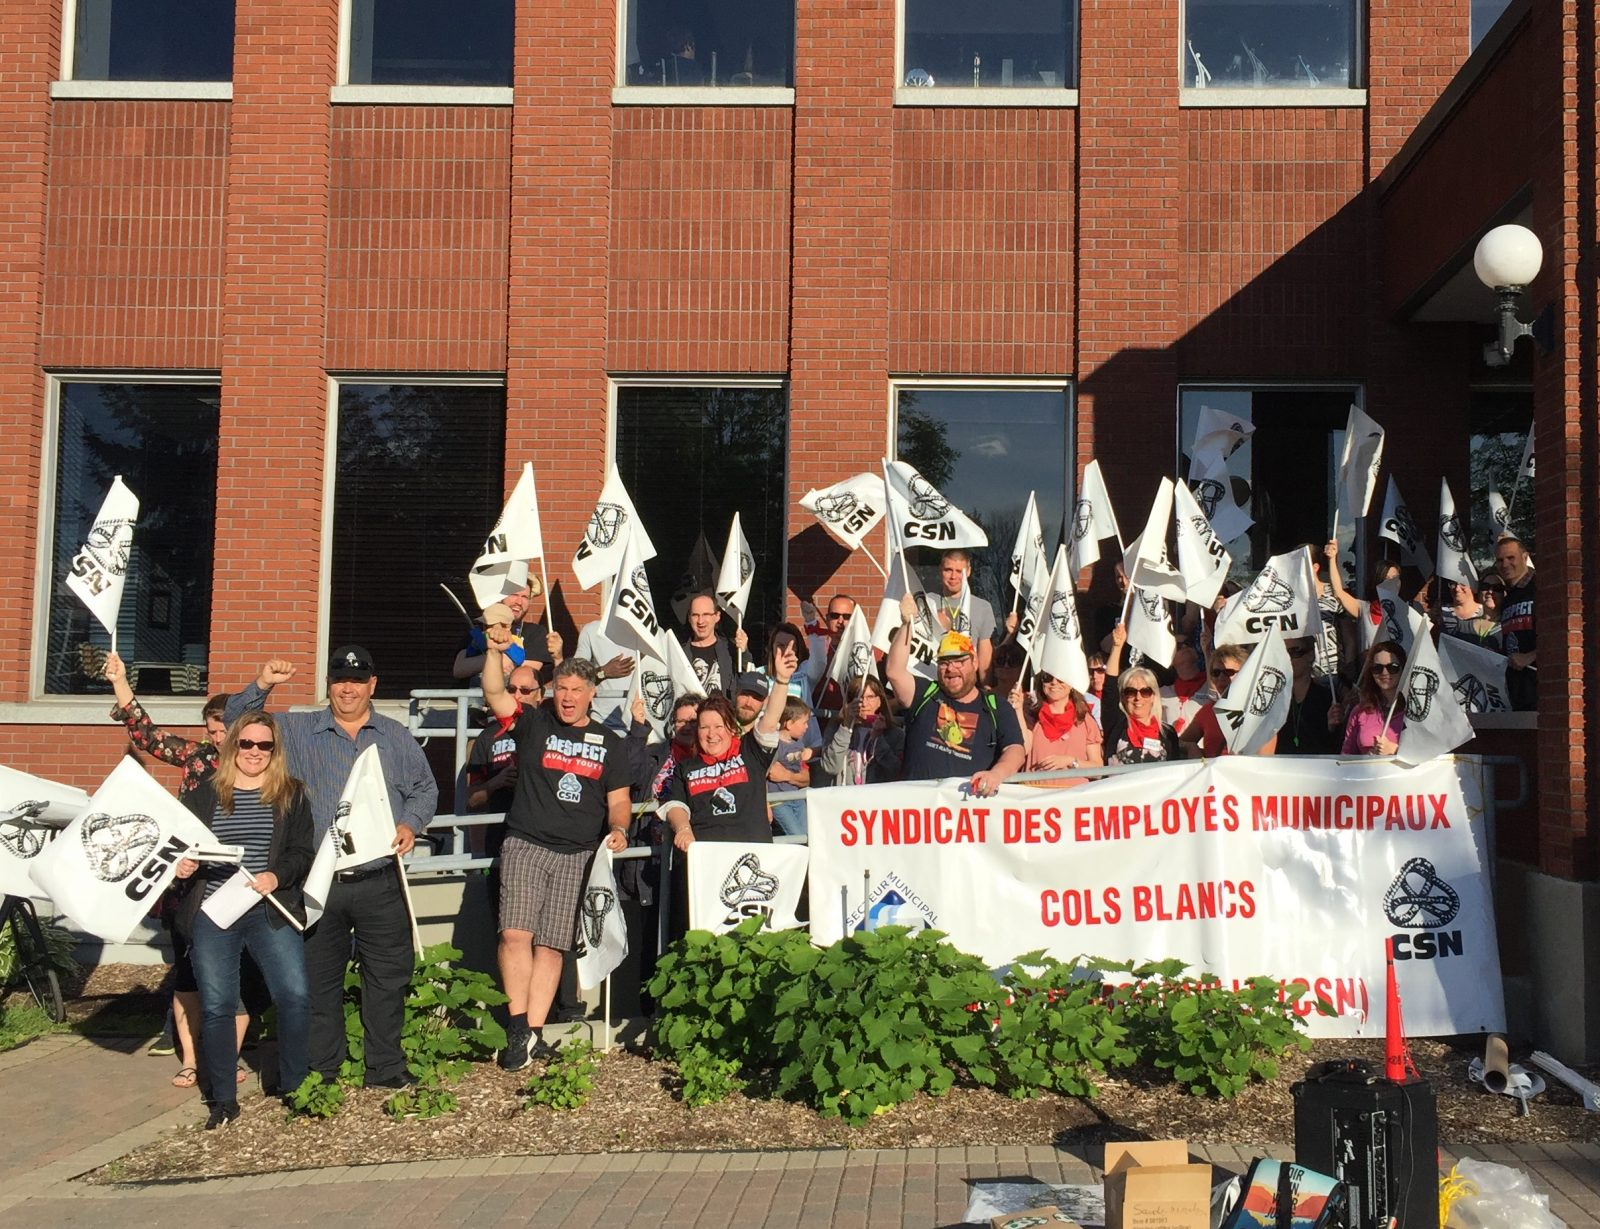 Cols blancs : la question des horaires est prioritaire selon le syndicat